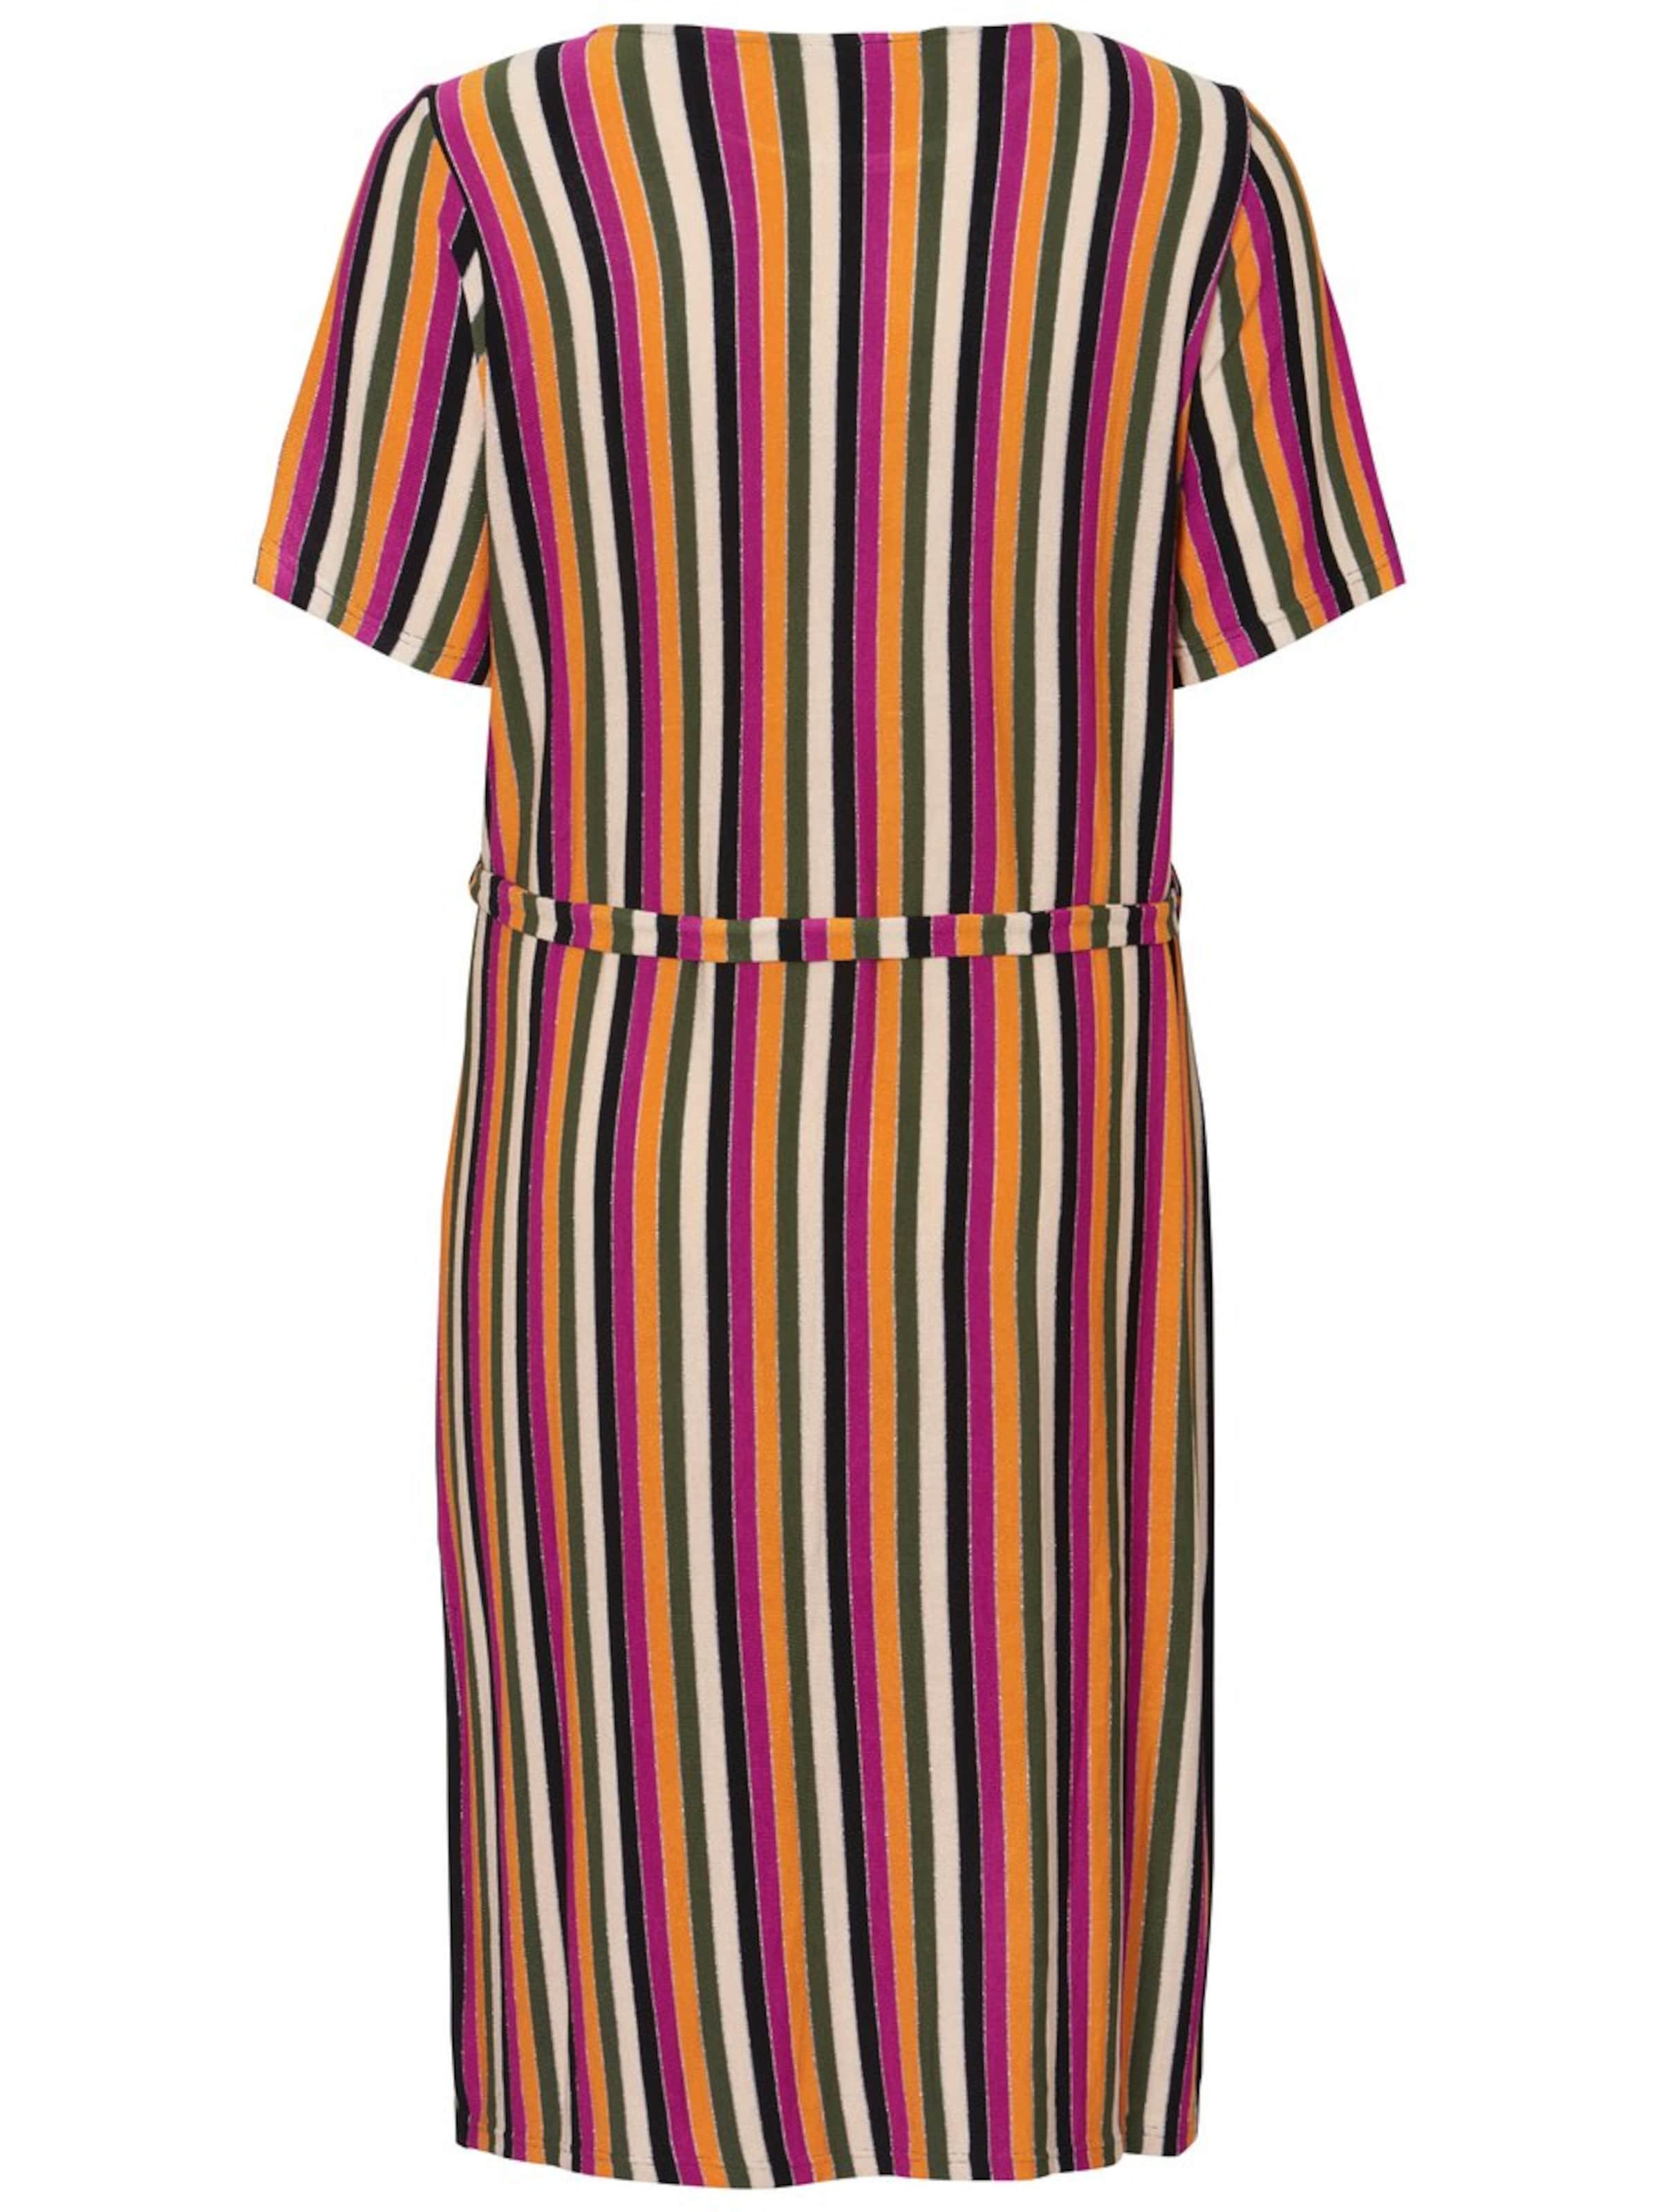 Junarose In Junarose In LilaOrange Junarose Kleid Kleid LilaOrange SzMUVpq